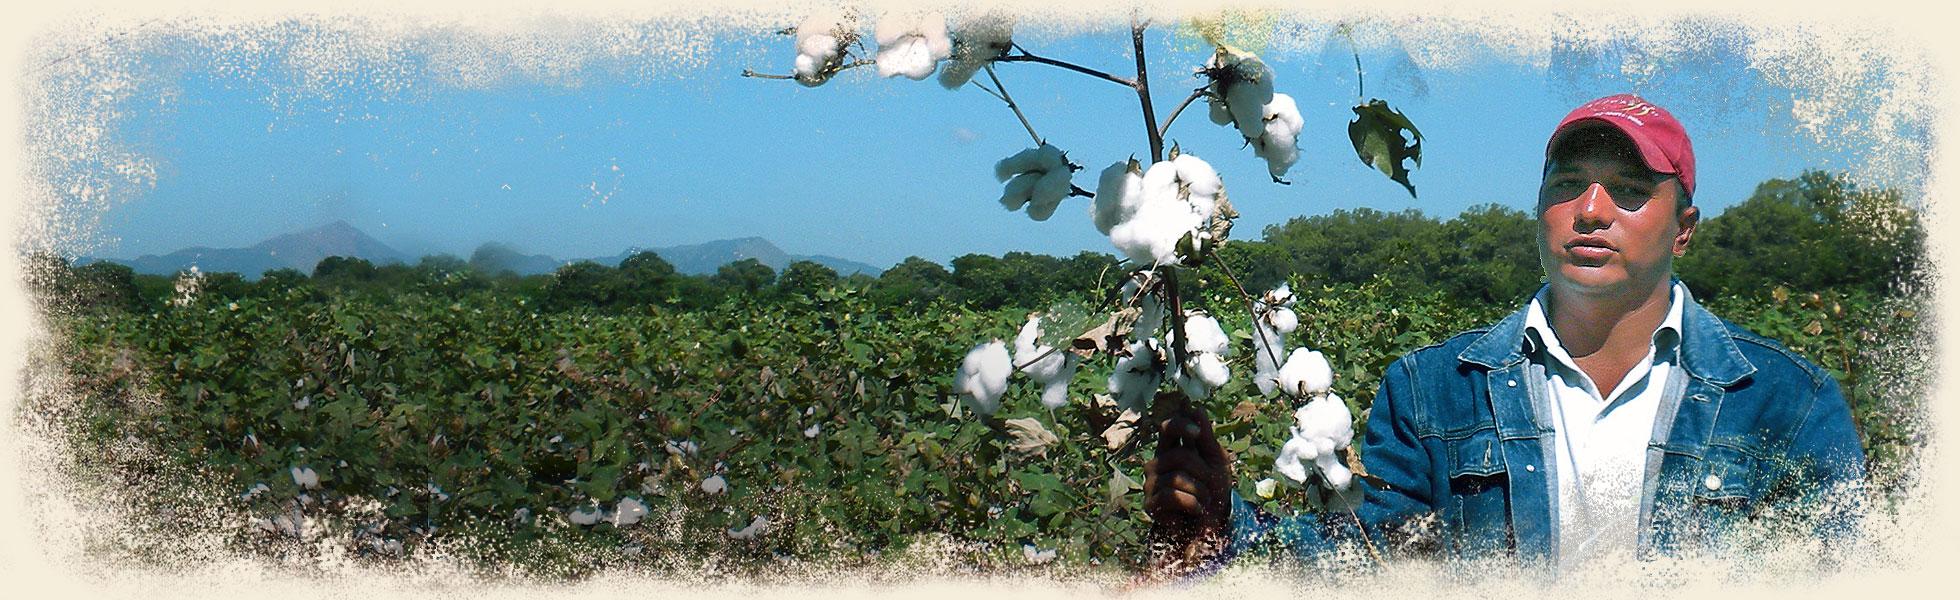 details-organic-cotton-maggies-ban2.jpg